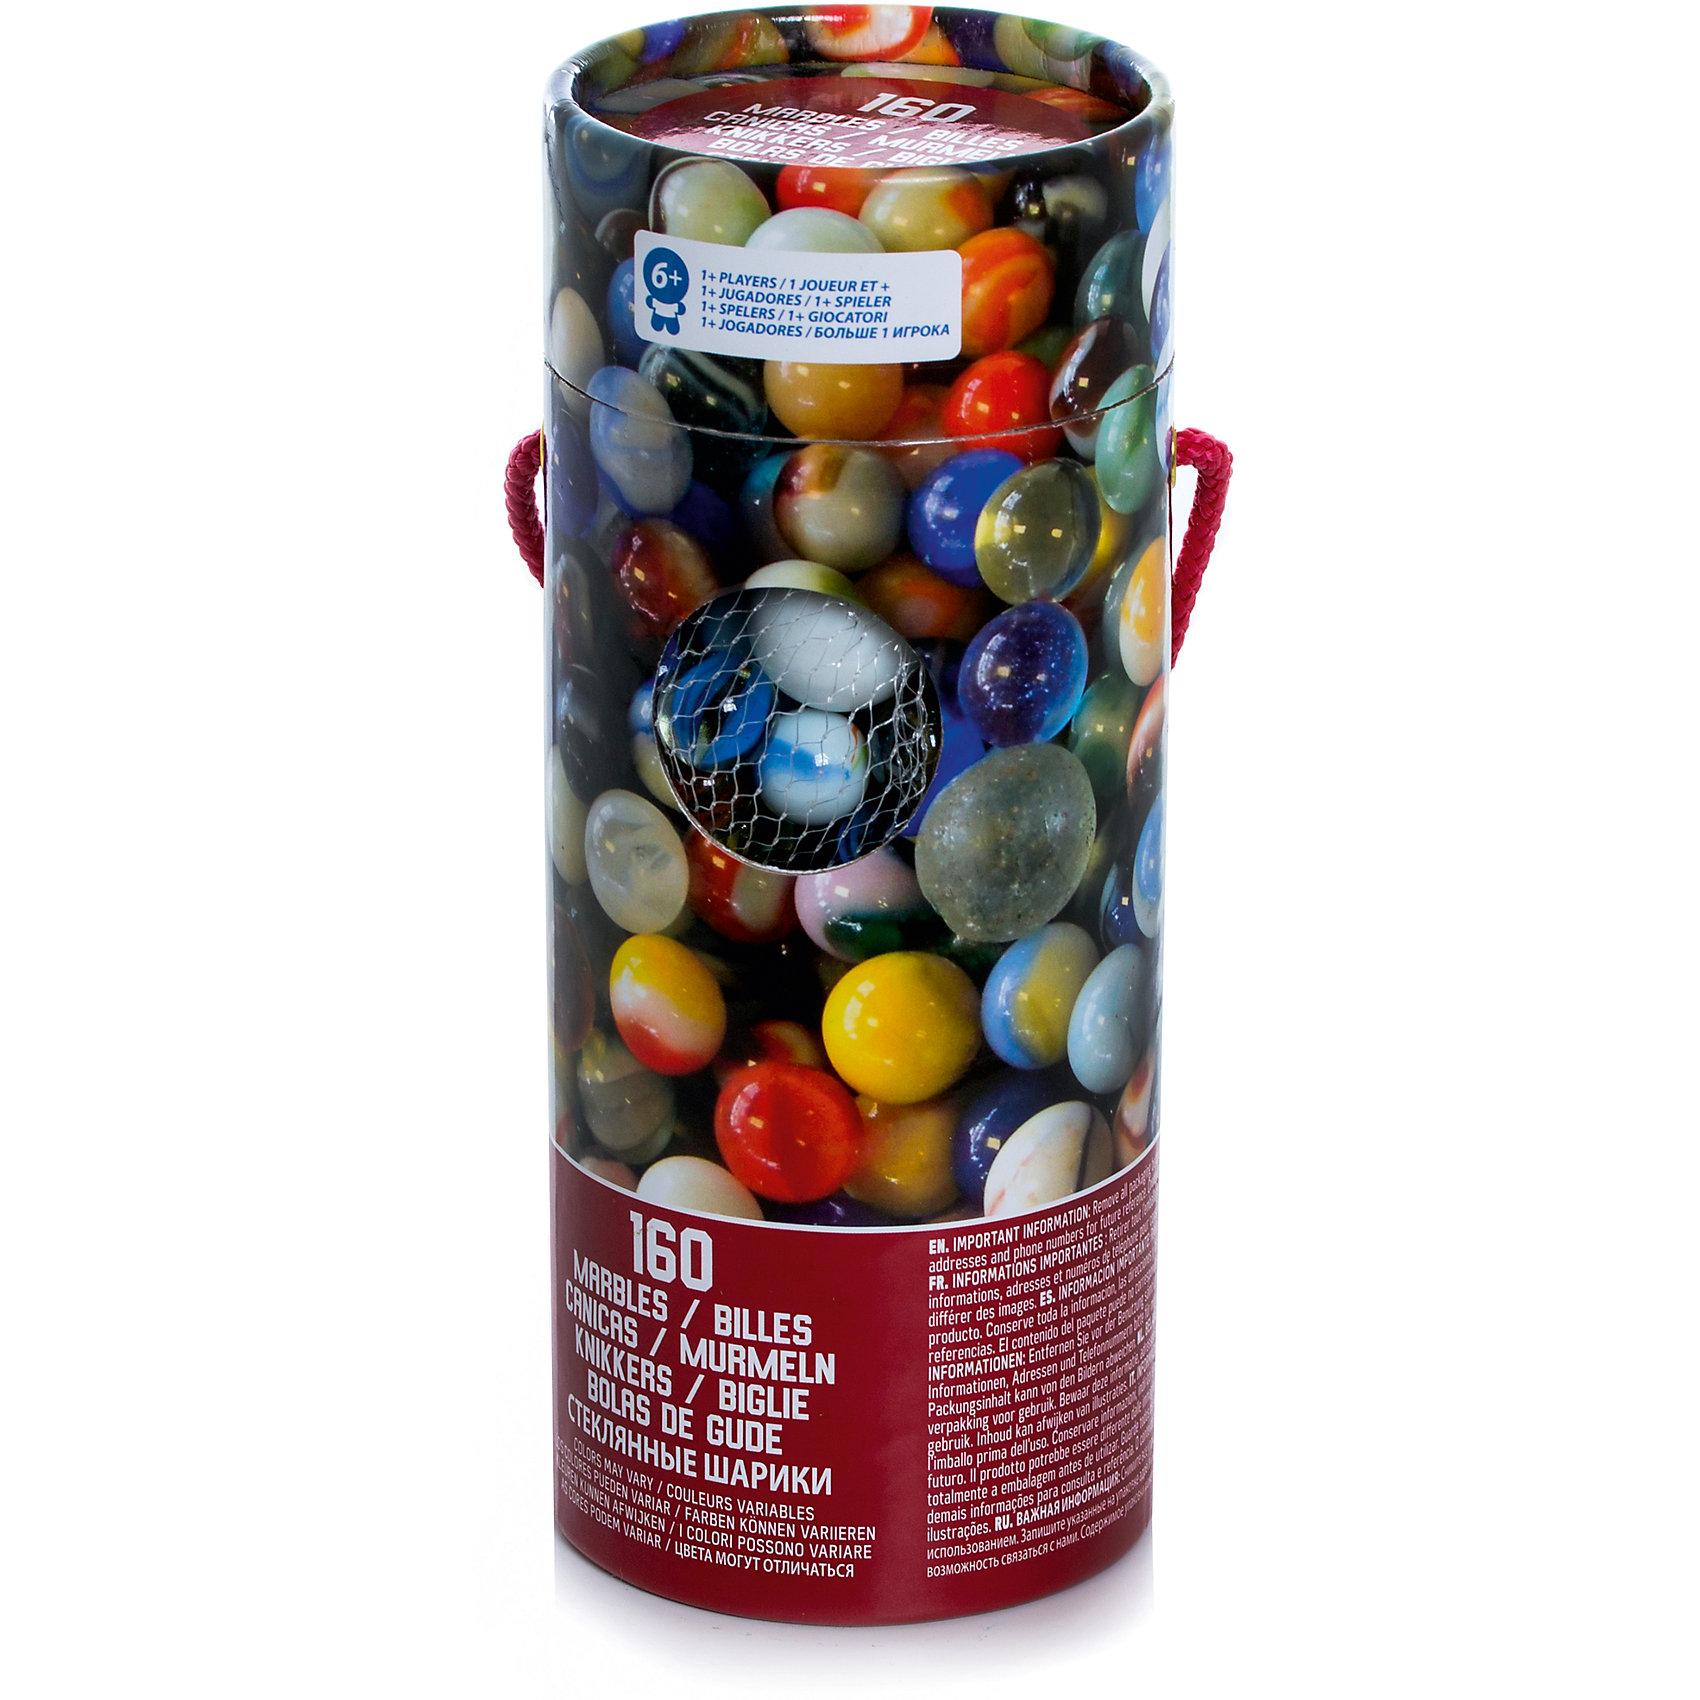 Настольная игра  Марблз, 160 шариков, Spin MasterНастольные игры для всей семьи<br>Характеристики товара:<br><br>• возраст: от 5 лет;<br>• материал: пластик, стекло;<br>• в комплекте: 160 шариков;<br>• количество игроков: от 1 человека;<br>• размер упаковки: 21х9х9 см;<br>• вес упаковки: 1,13 кг;<br>• страна производитель: Китай.<br><br>Настольная игра «Марблз» Spin Master — увлекательная игра, которая включает в себя 160 стеклянных шариков. Задача каждого игрока — выбить марблы соперника, бросая шарики. Только игра усложняется необычной техникой подбрасывания шариков. Игра развивает координацию движений, ловкость, смекалку, логическое мышление.<br><br>Настольную игру «Марблз» Spin Master можно приобрести в нашем интернет-магазине.<br><br>Ширина мм: 90<br>Глубина мм: 90<br>Высота мм: 210<br>Вес г: 1173<br>Возраст от месяцев: 72<br>Возраст до месяцев: 2147483647<br>Пол: Унисекс<br>Возраст: Детский<br>SKU: 6873821